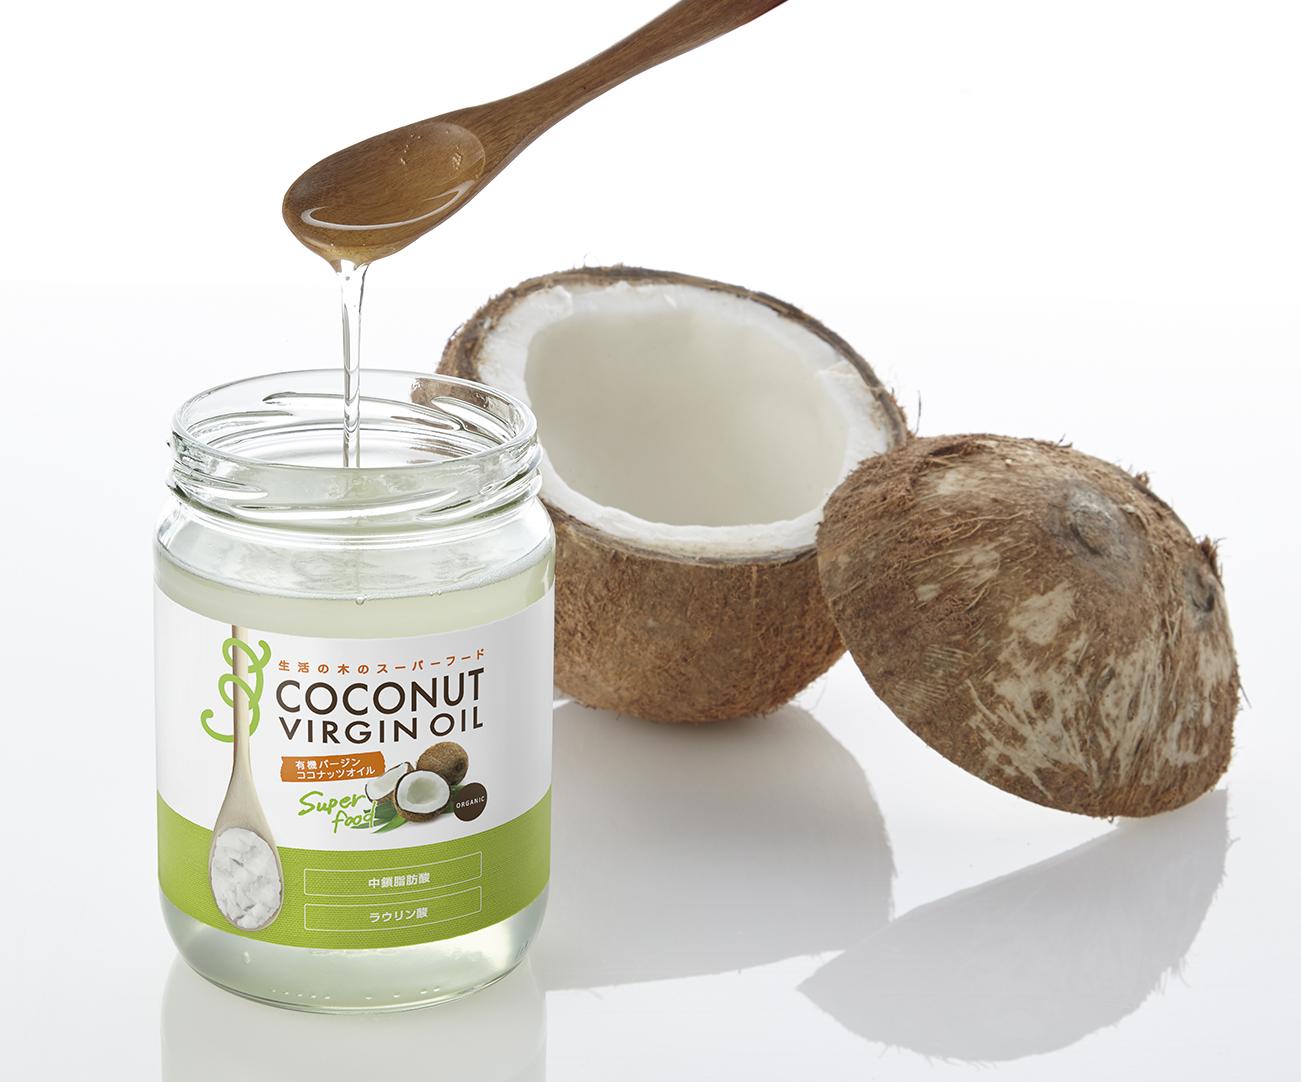 知ってた!?ココナッツオイルのカロリーと意外すぎるその栄養効果のサムネイル画像